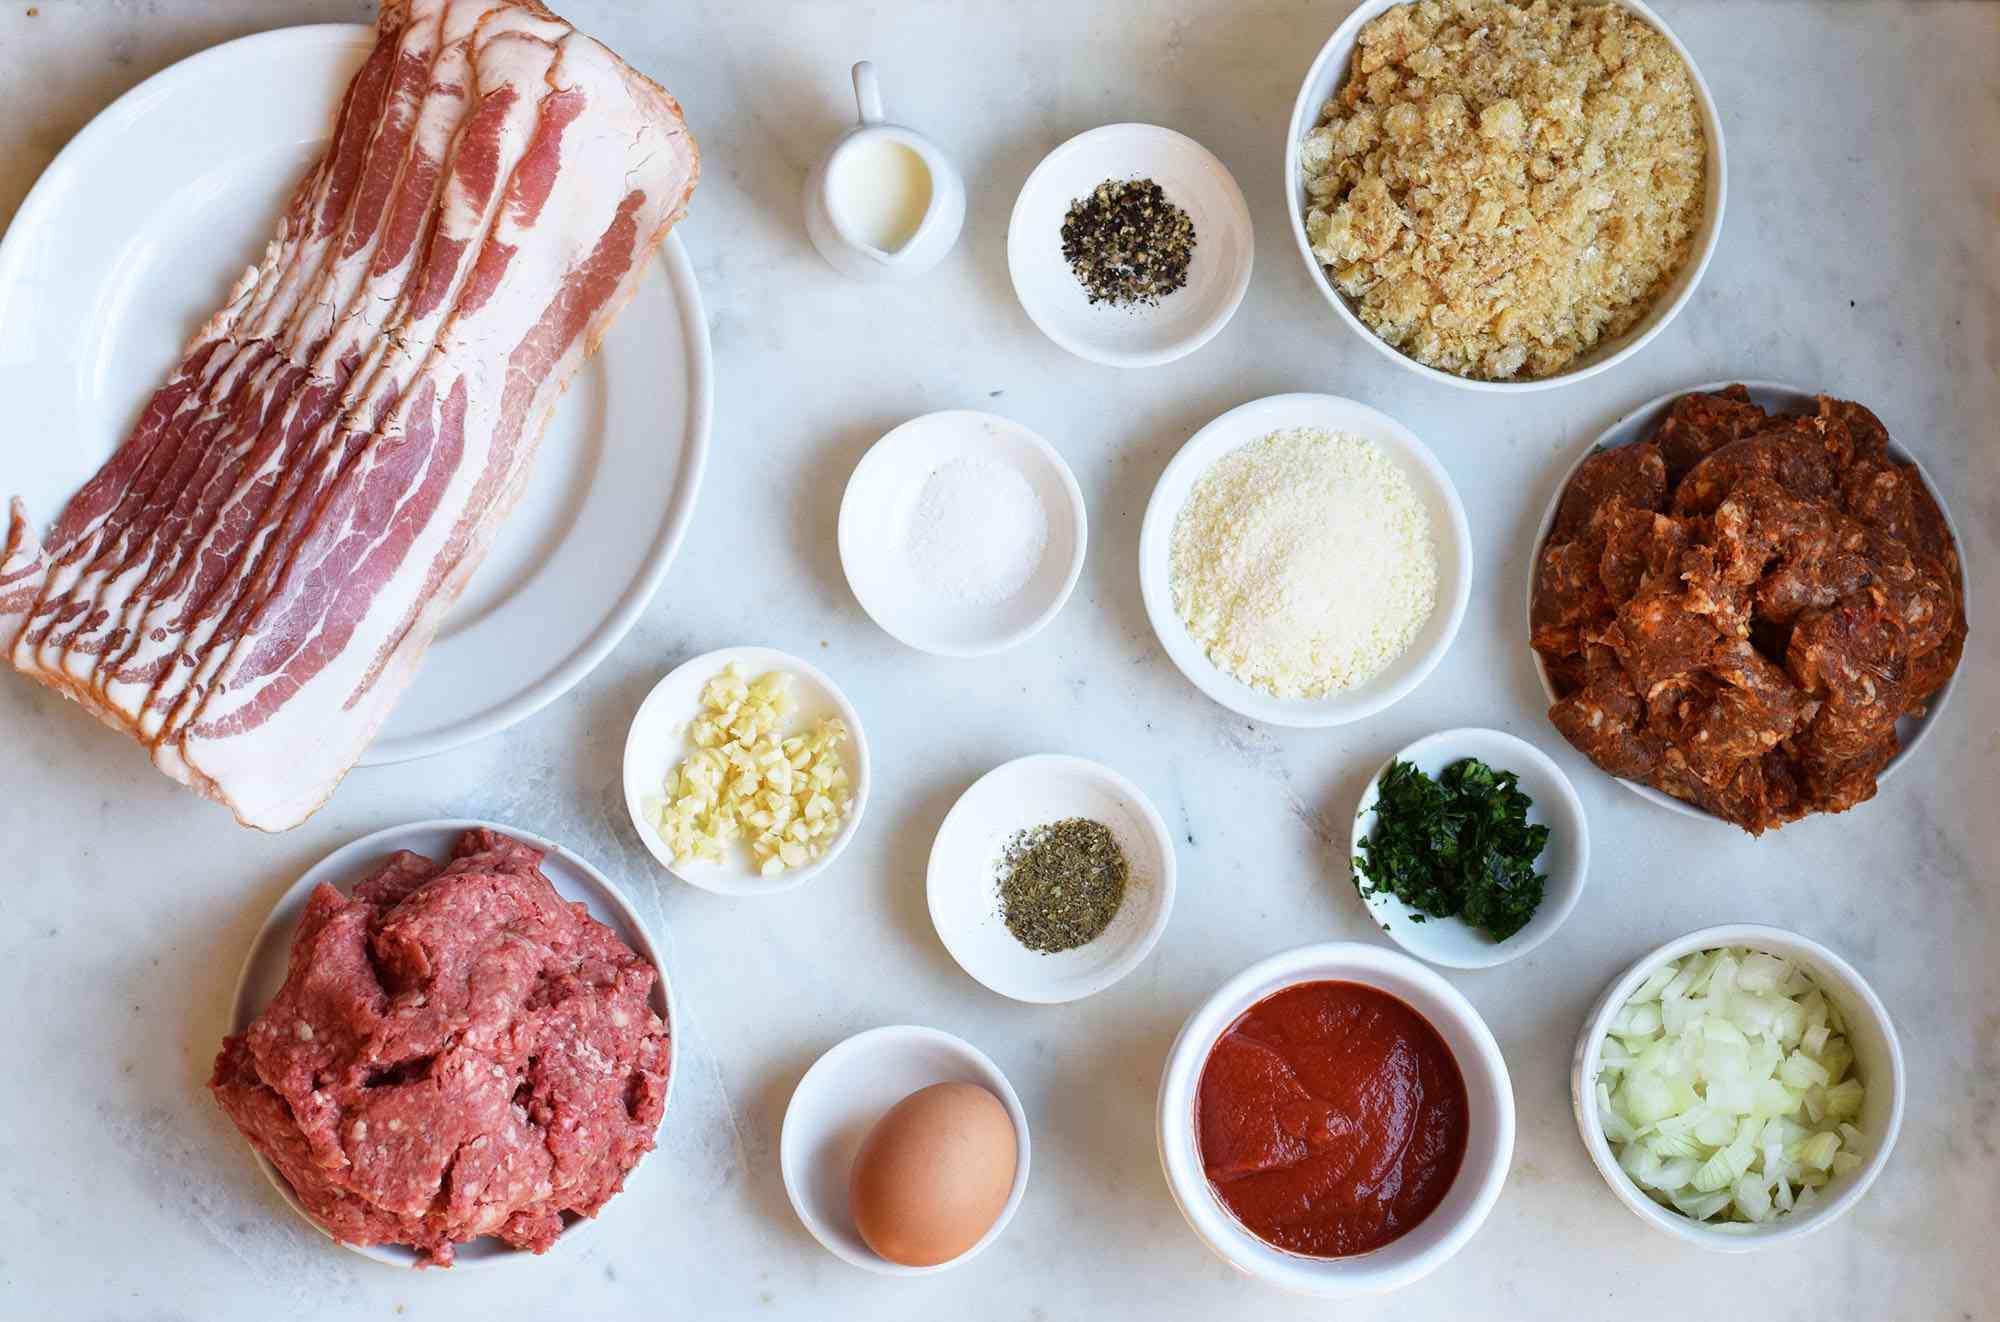 keto meatloaf ingredients